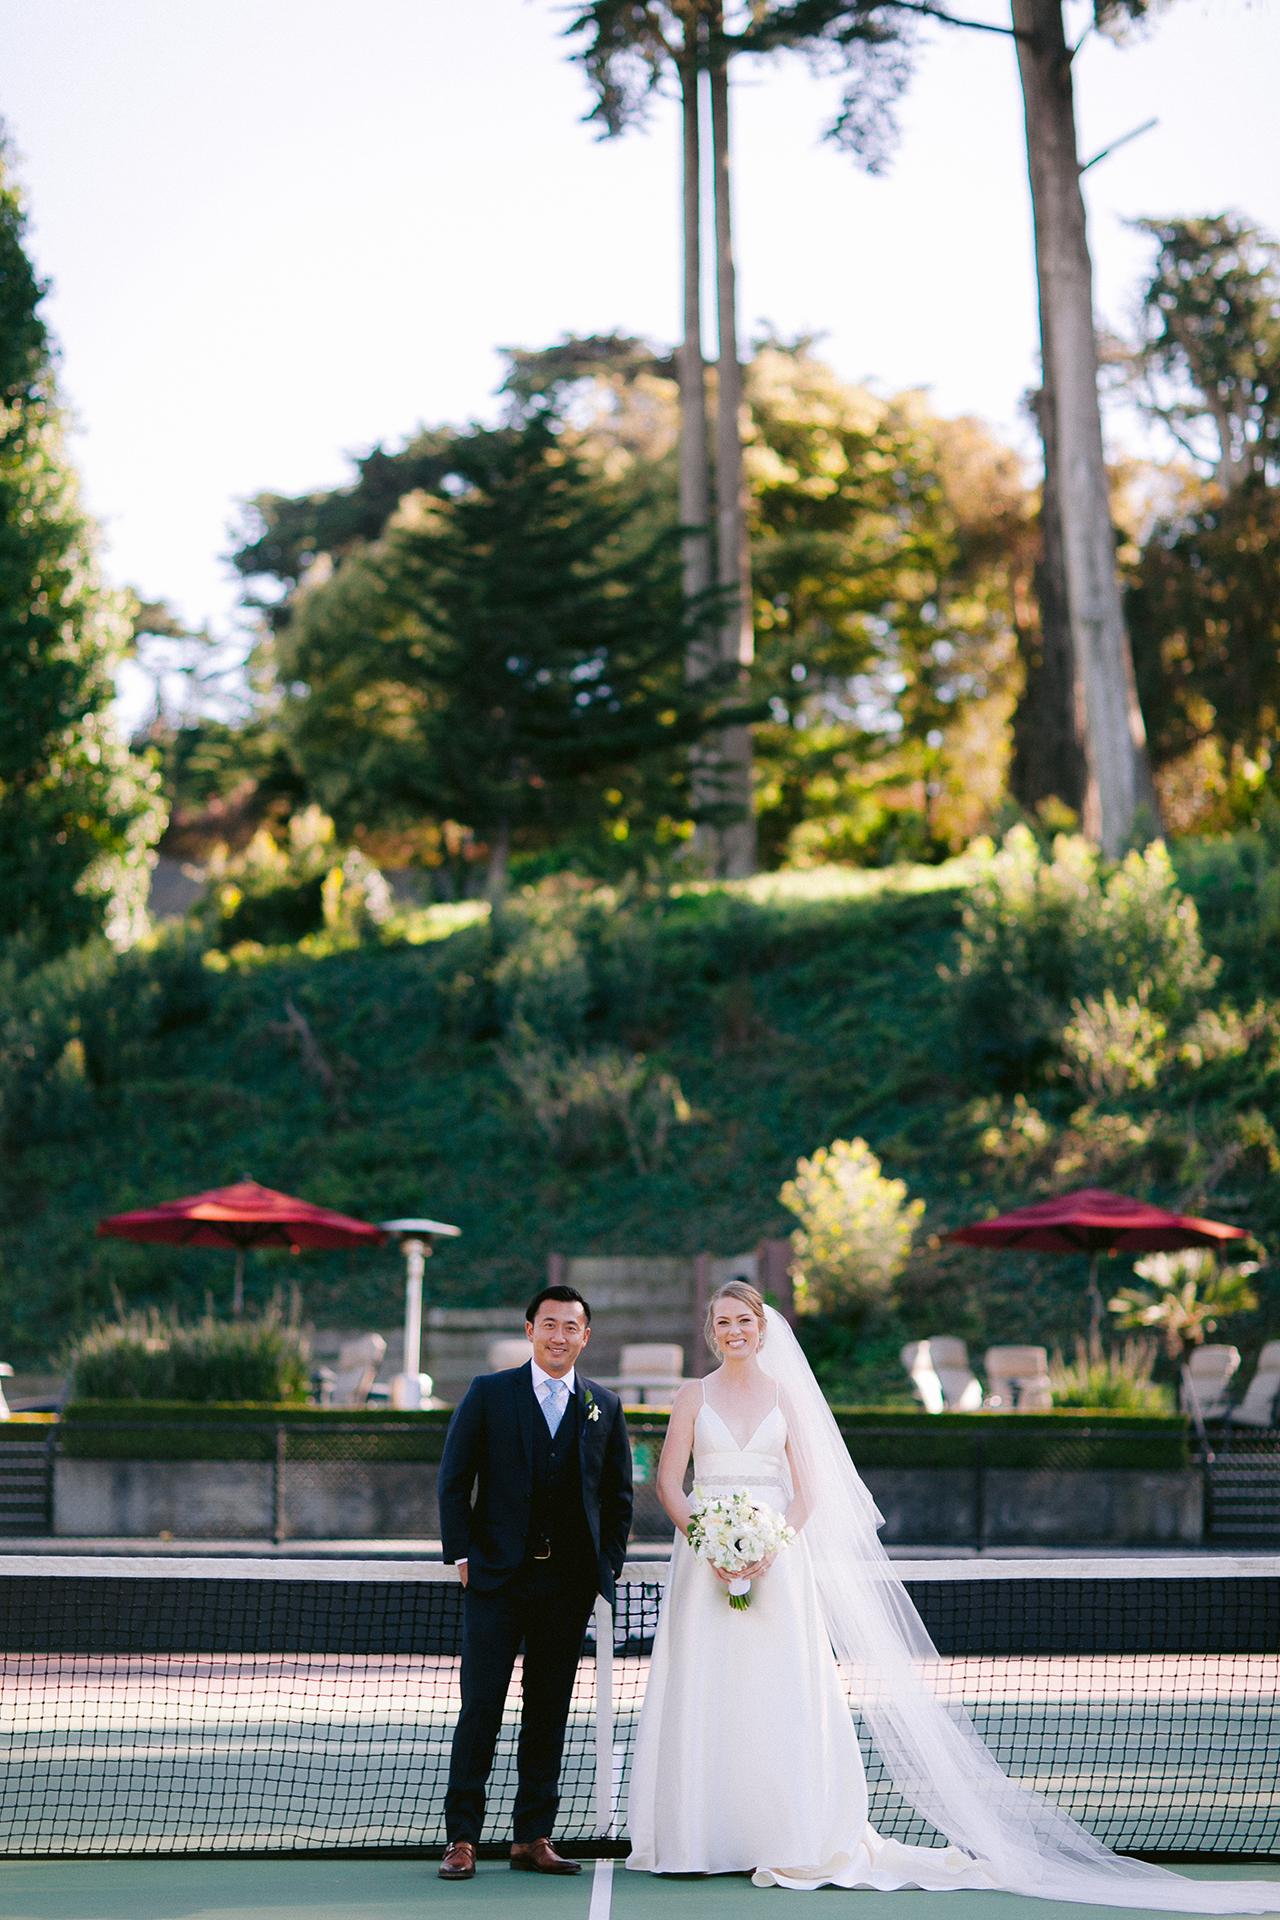 The_Olympic_Club_Wedding_021.jpg